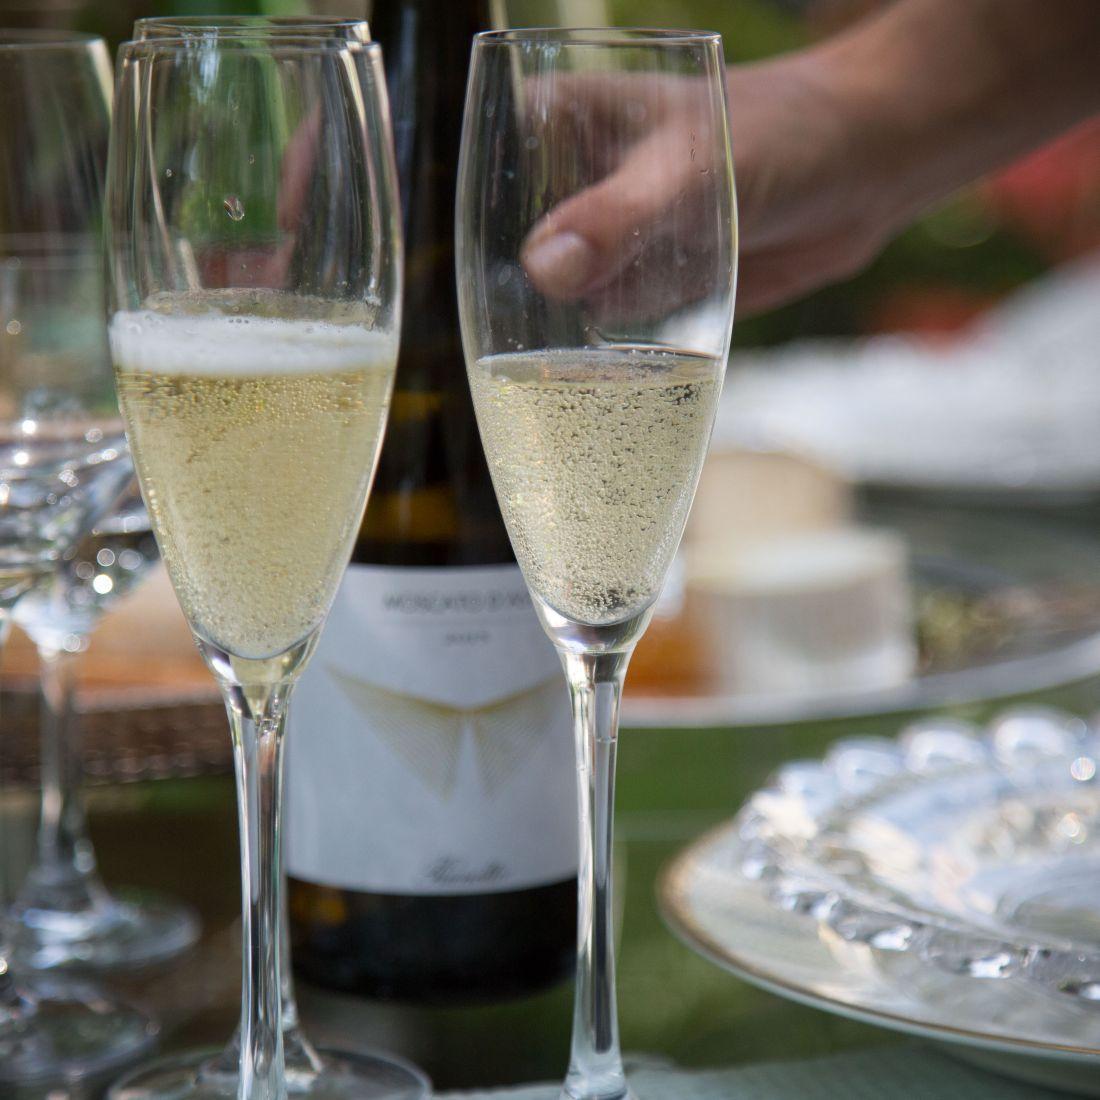 מוסקטו ד'אסטי פרונוטו, היין הלבן של אזור פיימונטה